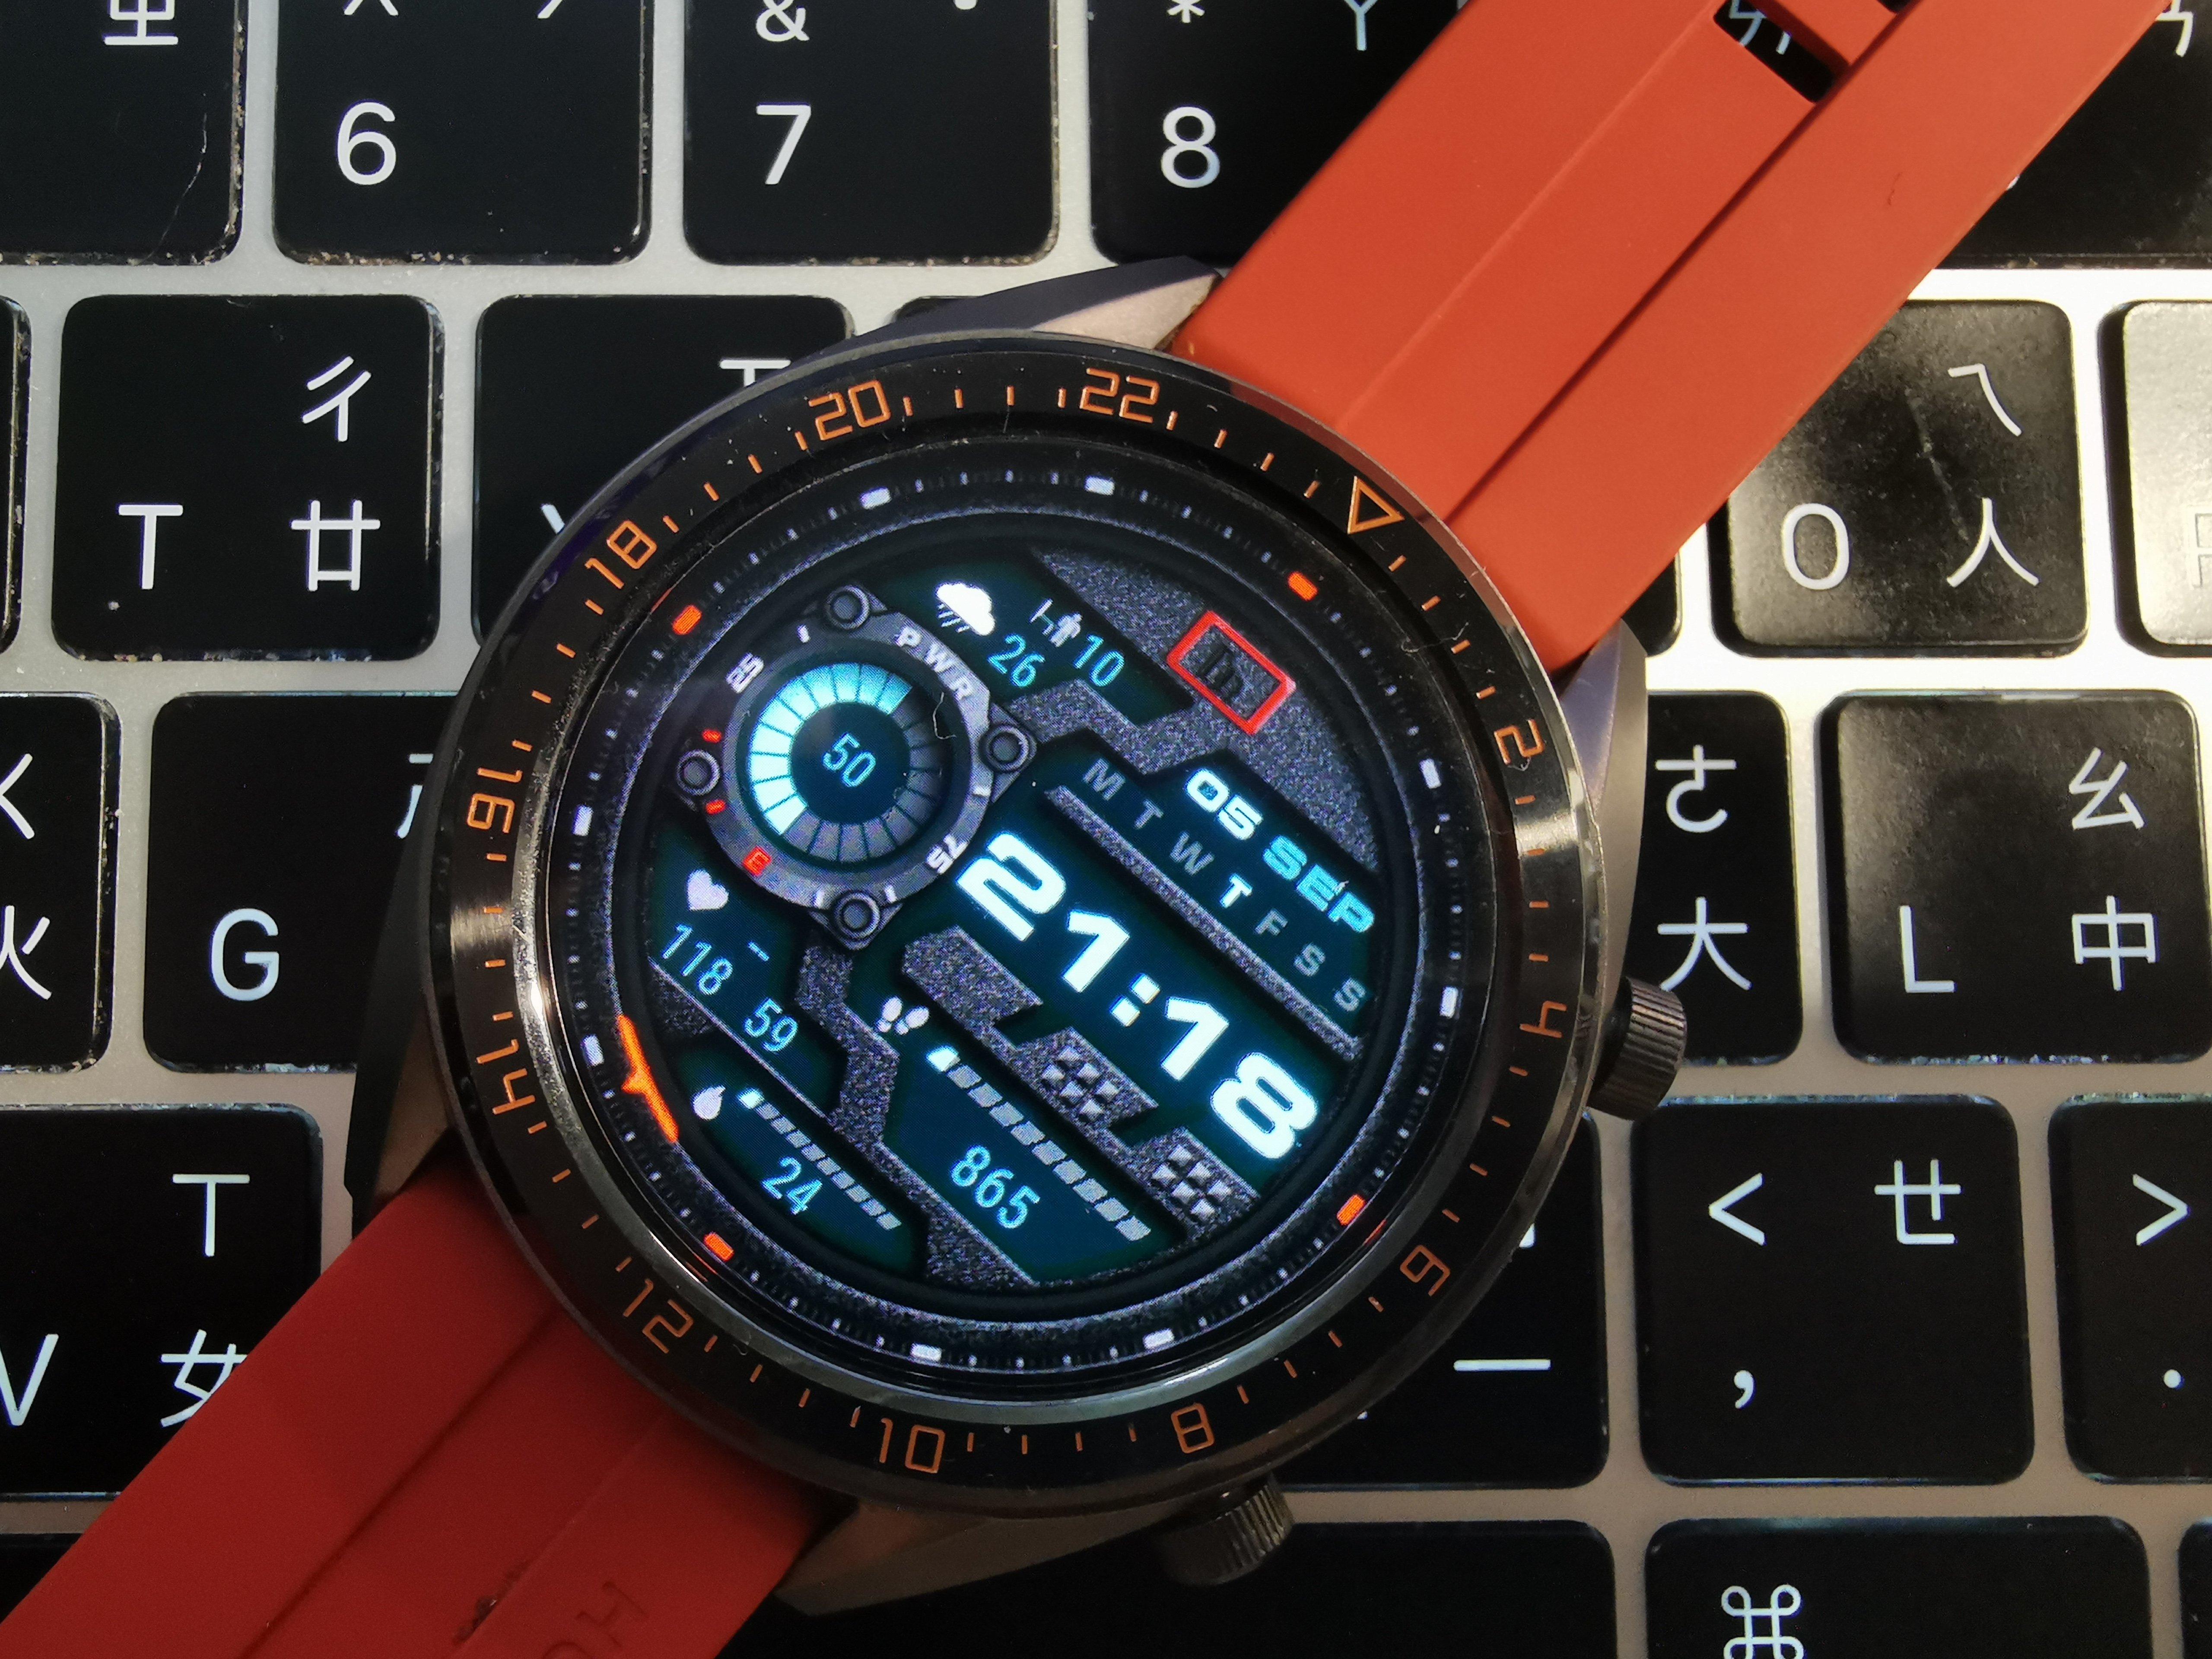 HUAWEI Watch GT 錶面下載